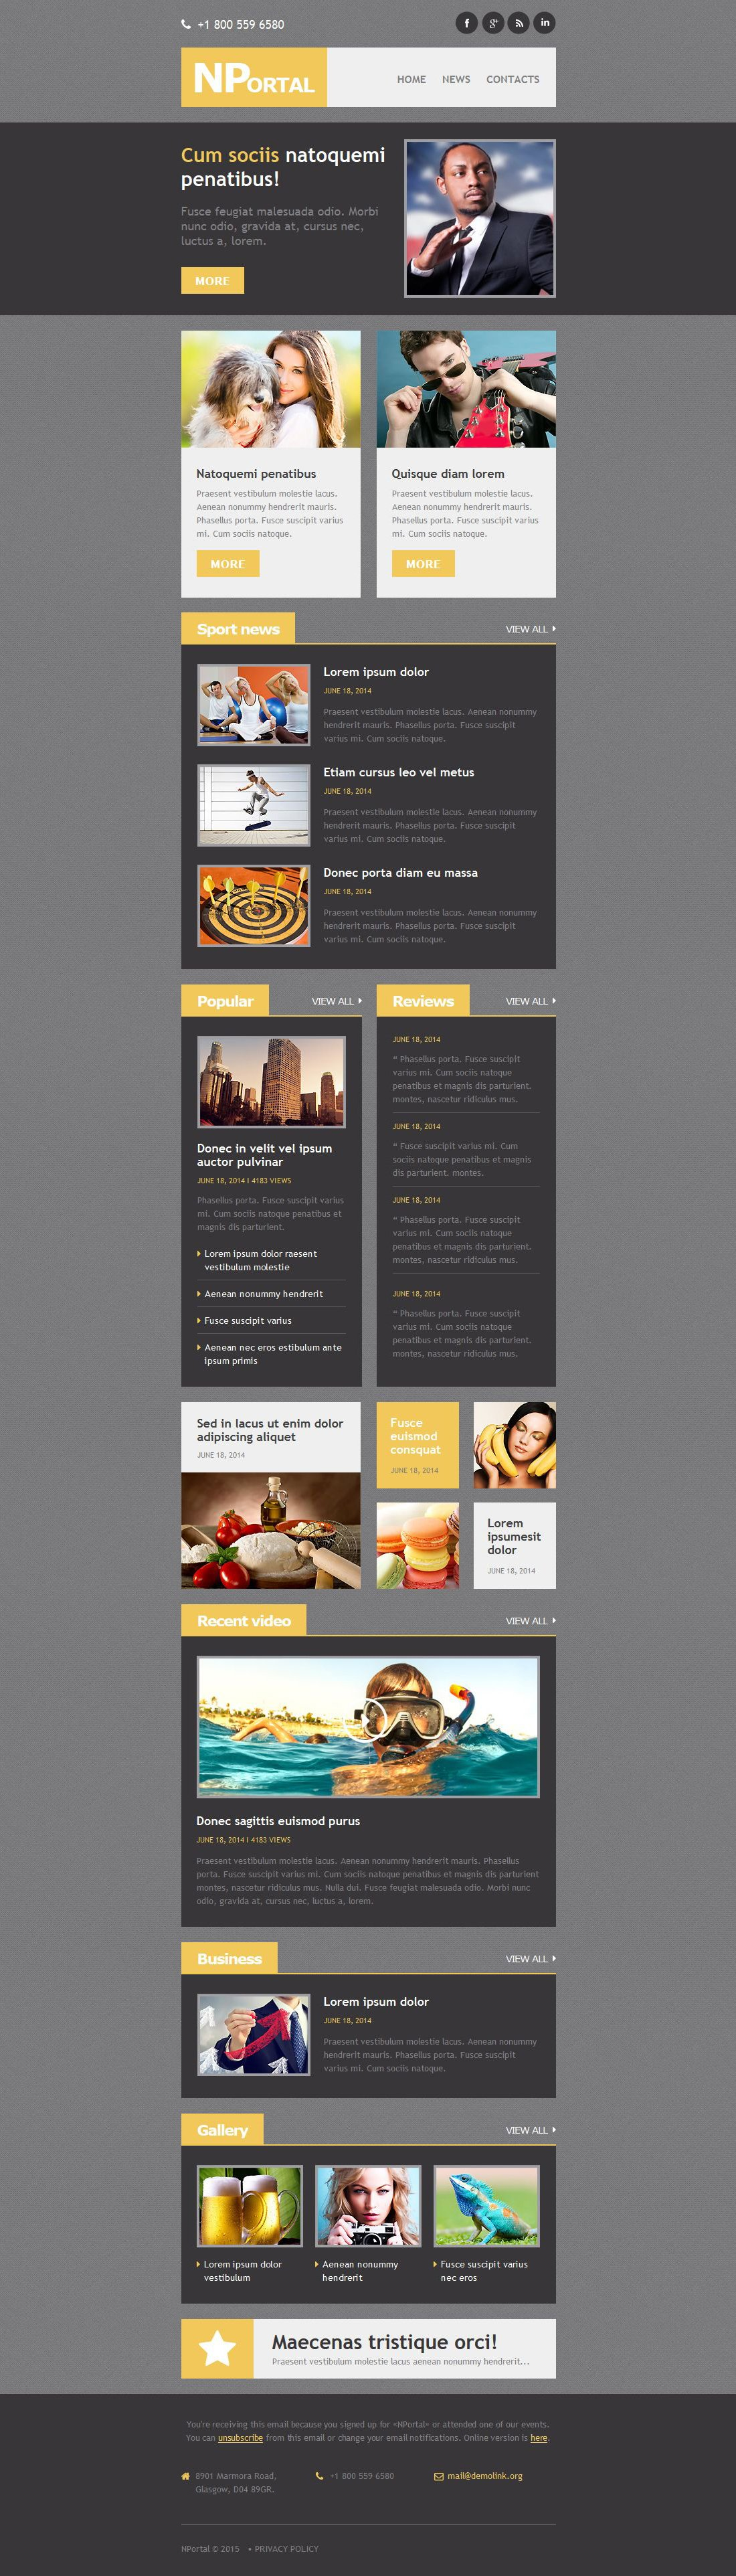 Plantilla De Boletín De Noticias Responsive para Sitio de Portal de Noticias #52812